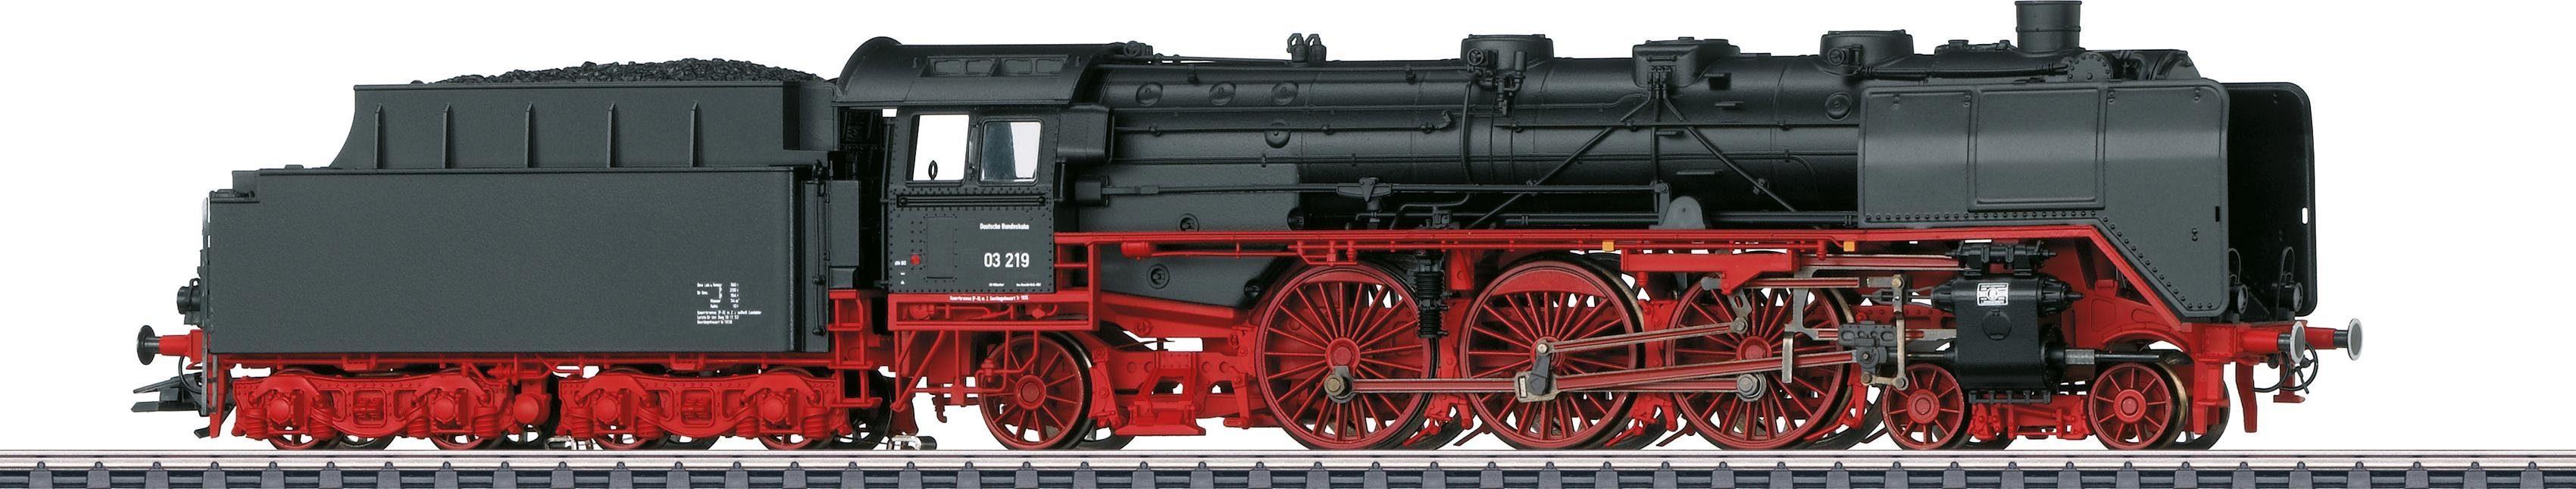 Märklin Personenzug-Dampflokomotive mit Schlepptender, »BR 03 219 Altbau DB«